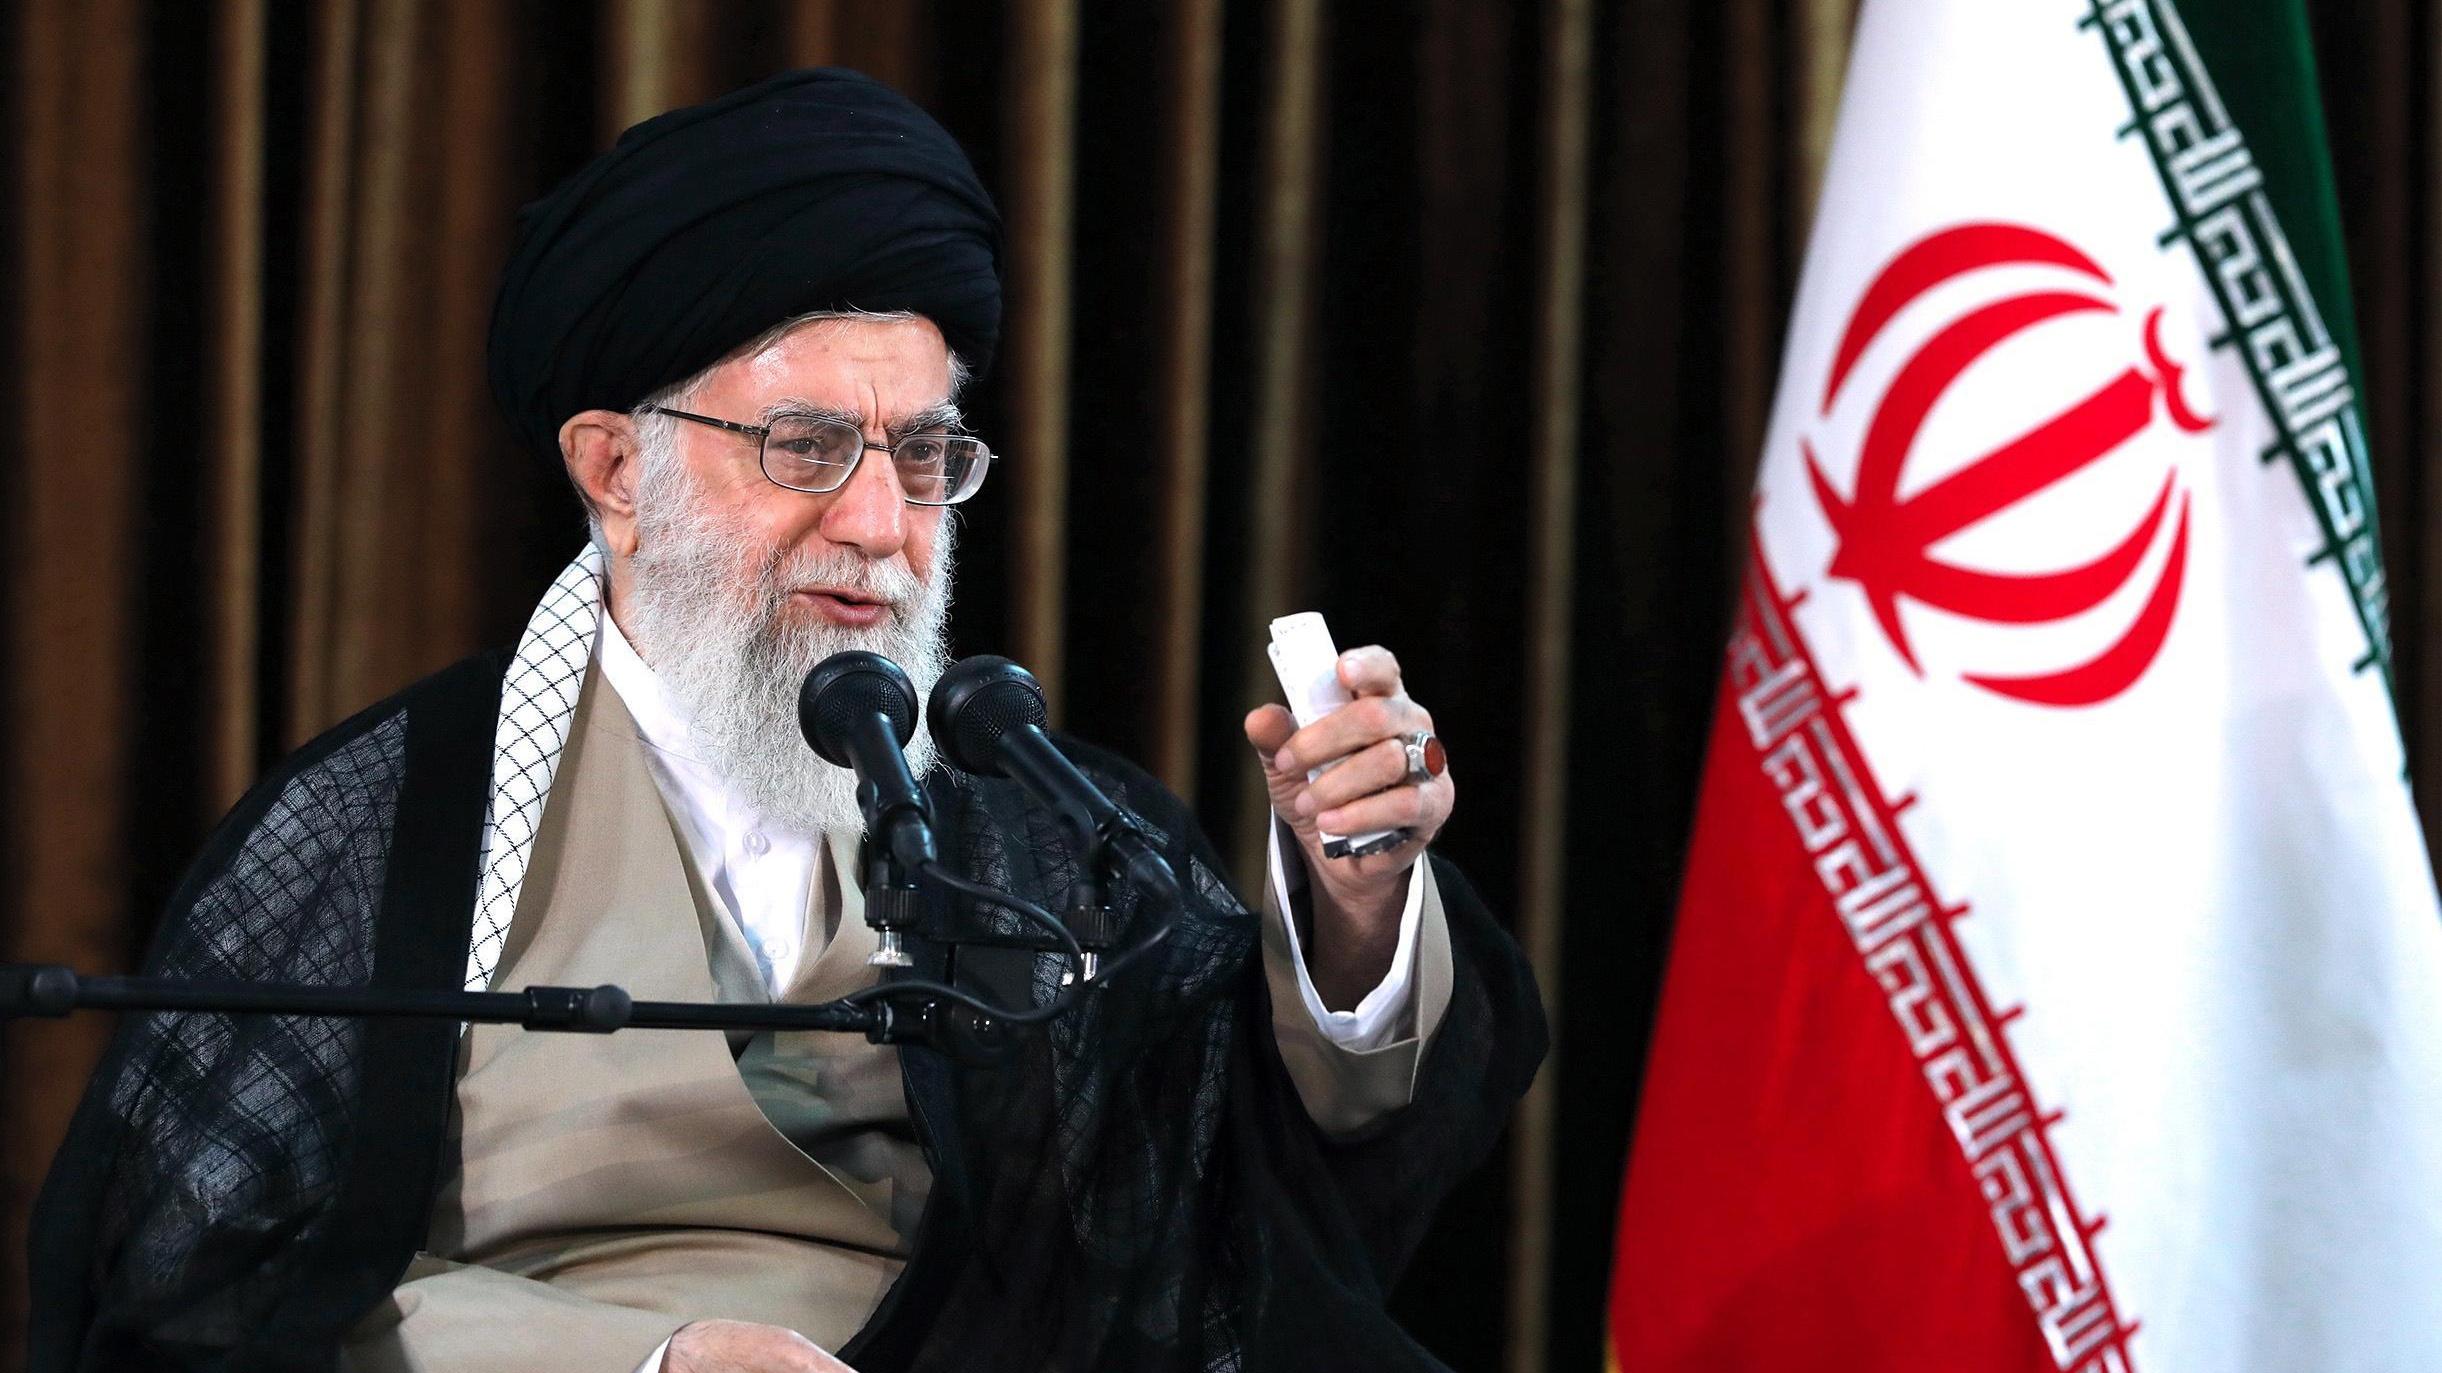 Khamenei complotti contro unit islam virgilio notizie for Nuovi piani domestici americani